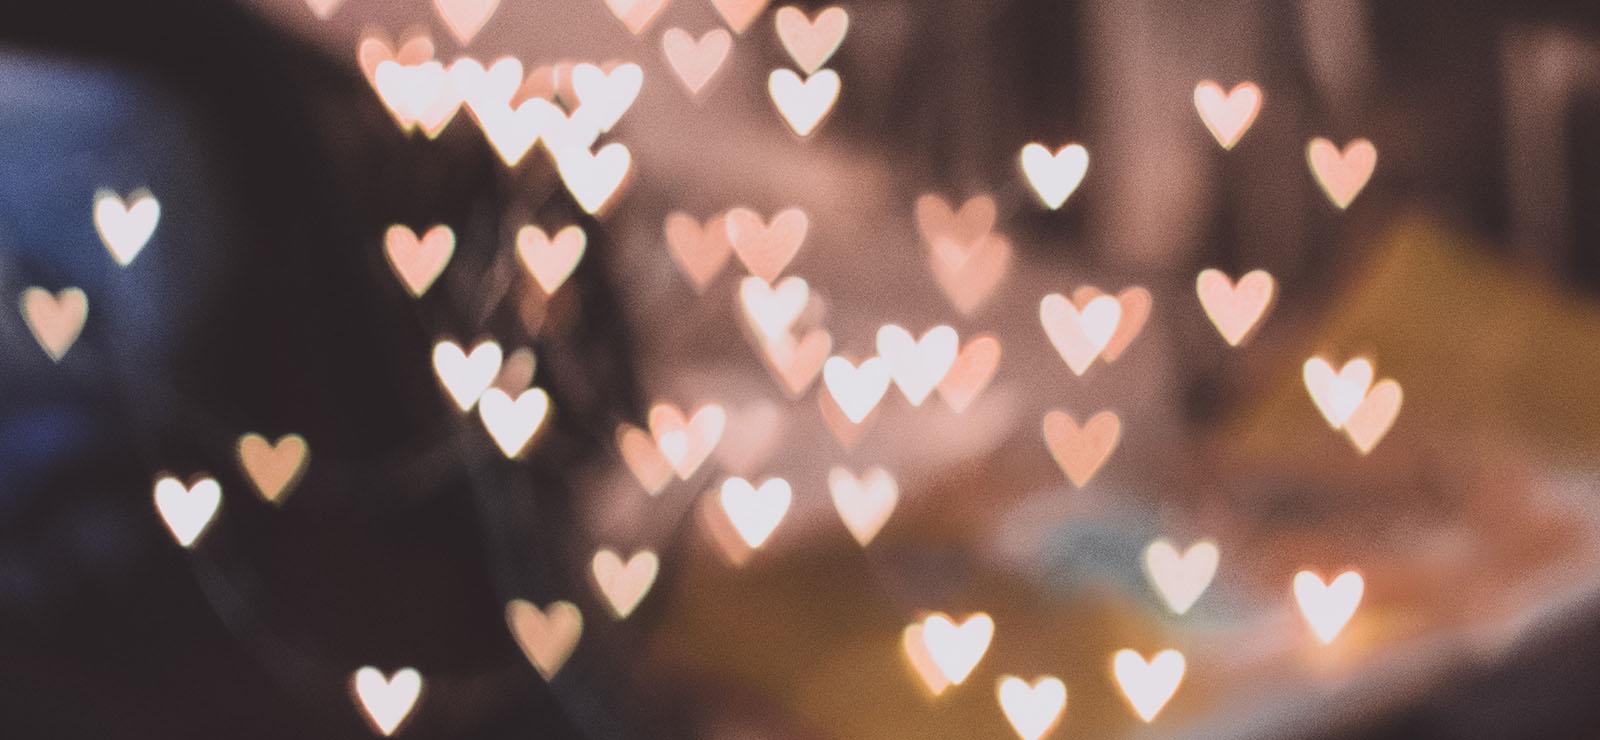 恋愛相談におすすめの当たる占い。悩み別に占術を選ぼう!タロット、占星術、ジオマンシーなど。